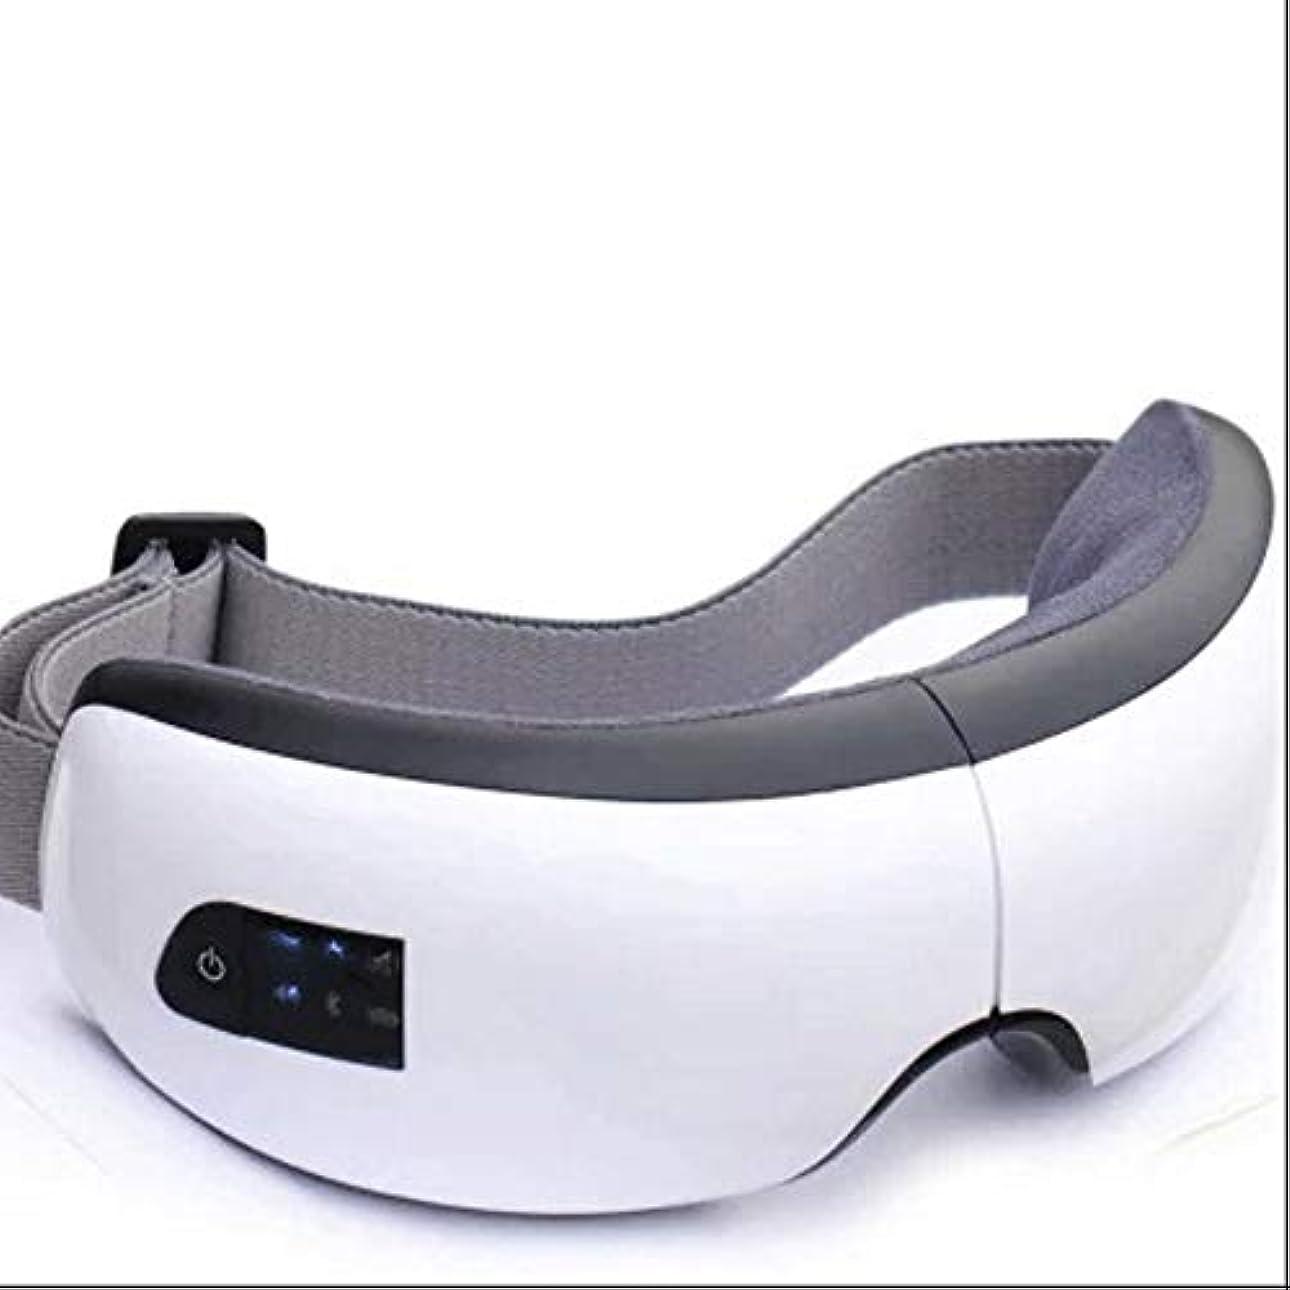 タップ差し迫った休戦JJYPY 電気目のマッサージャーの振動マッサージの頭部の圧力救助は睡眠を改善します